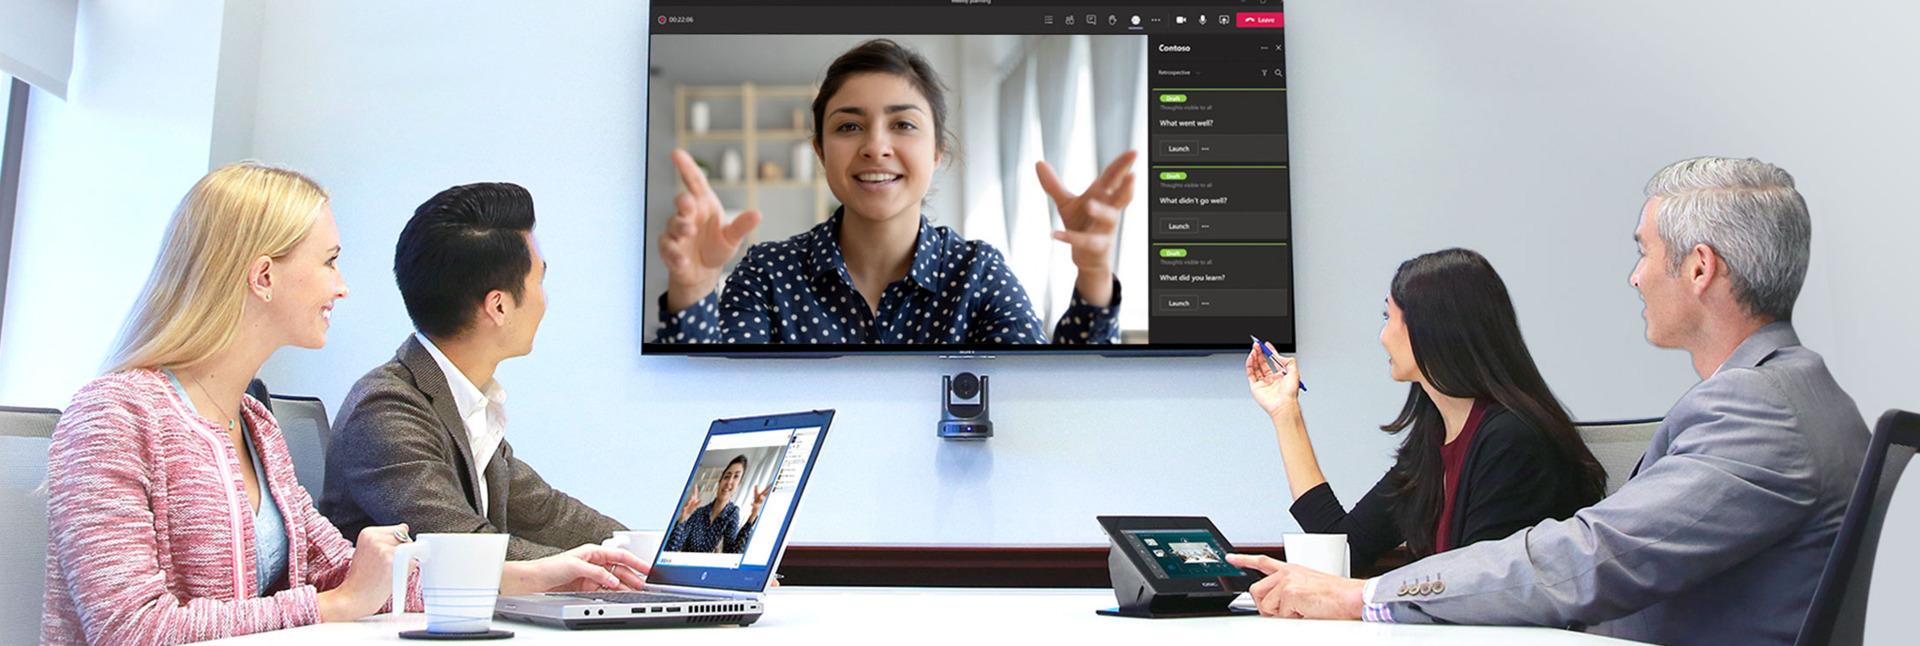 Videokonferanse: Sennheiser og QSC skal gjøre opplevelsen mer spennende